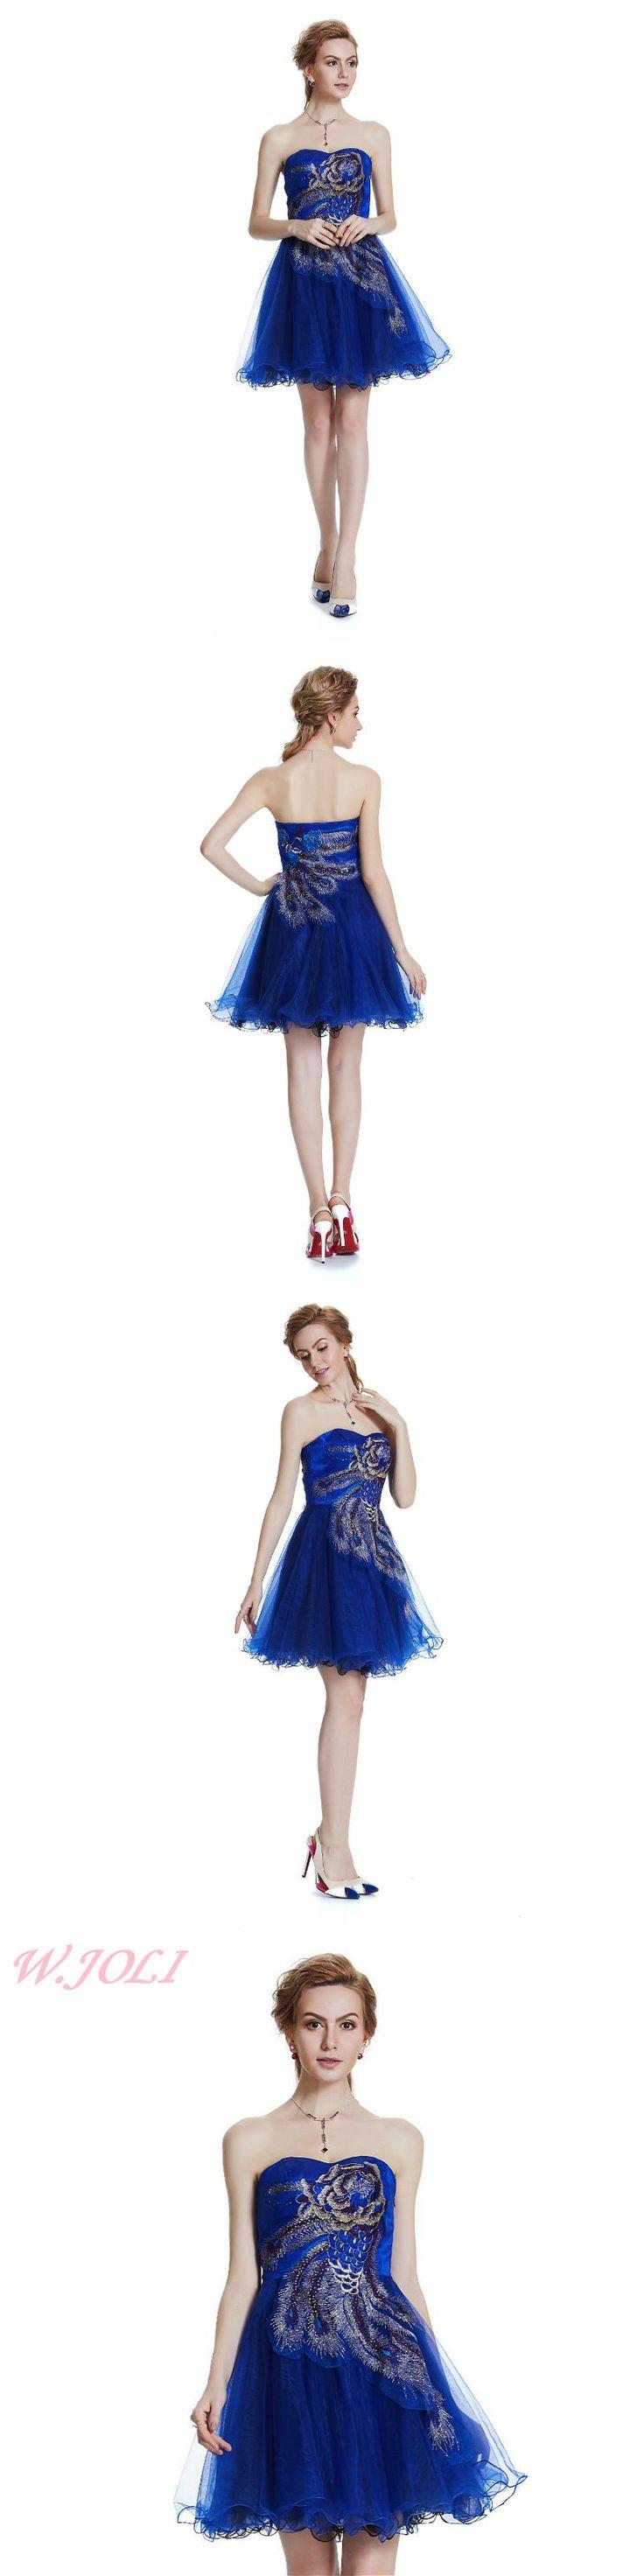 65 besten Evening Dresses Bilder auf Pinterest | Abendkleider ...